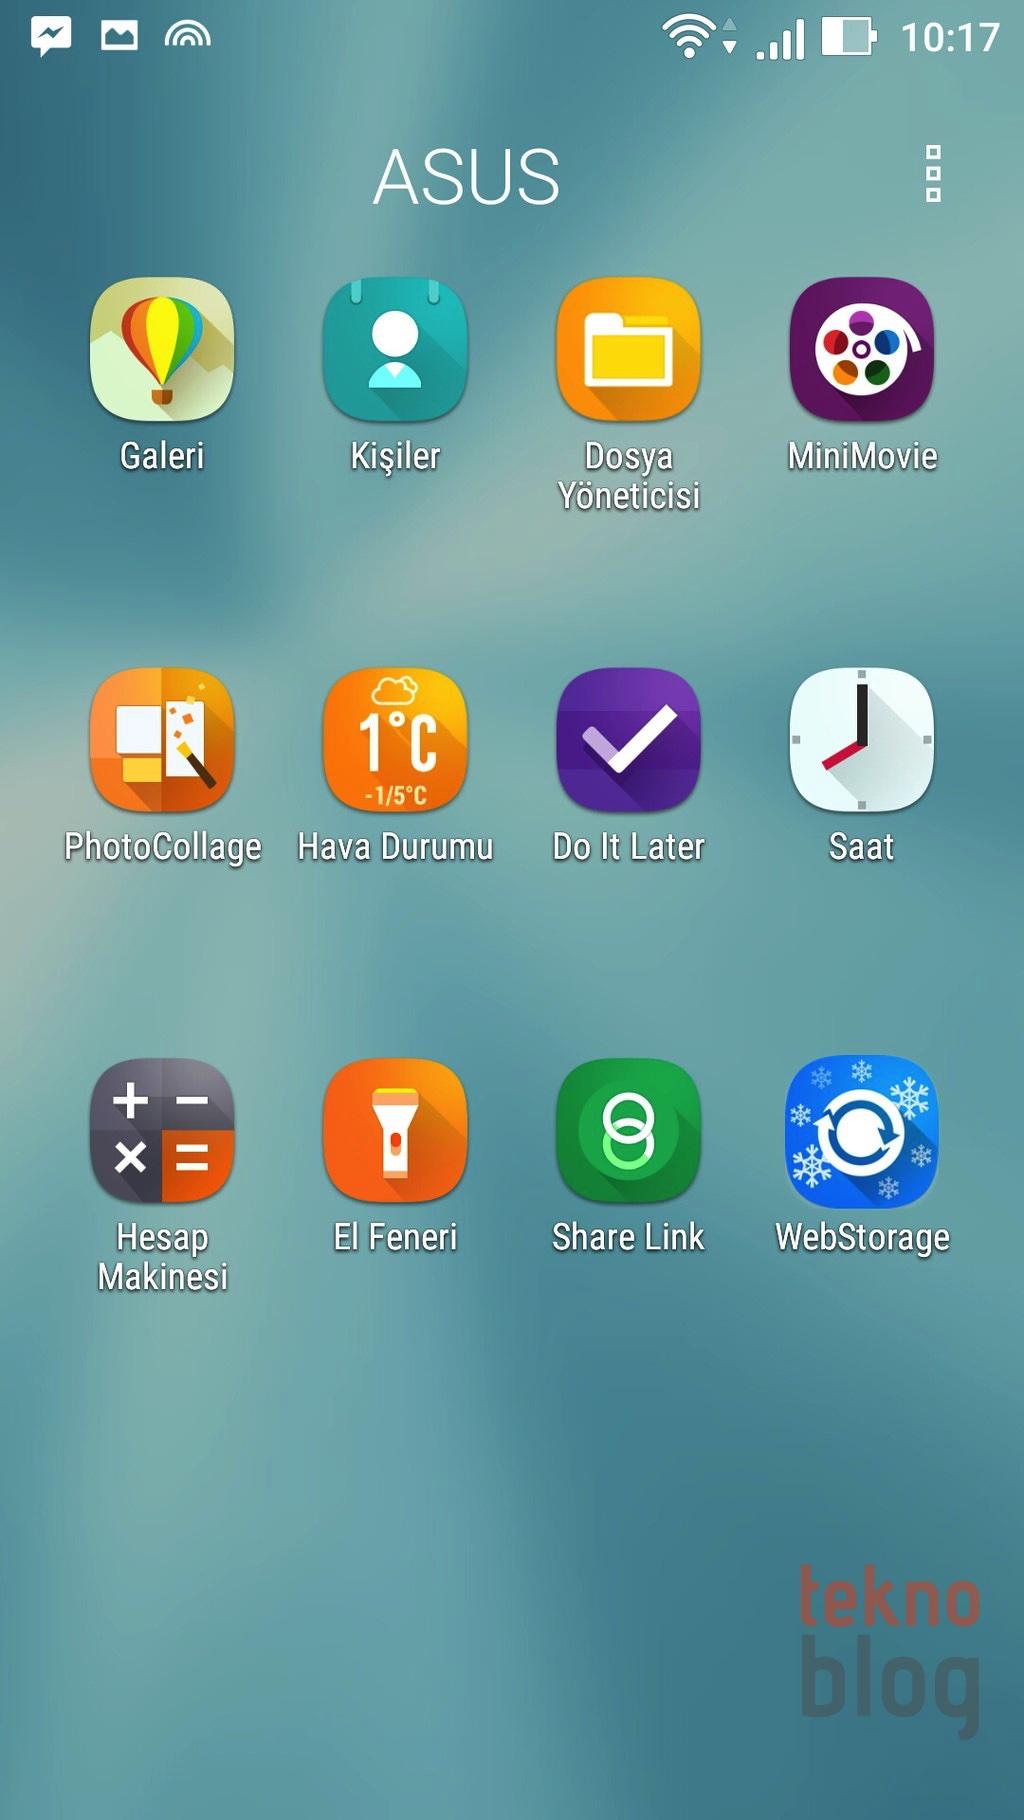 asus-zenfone-3-ekran-goruntuleri-6